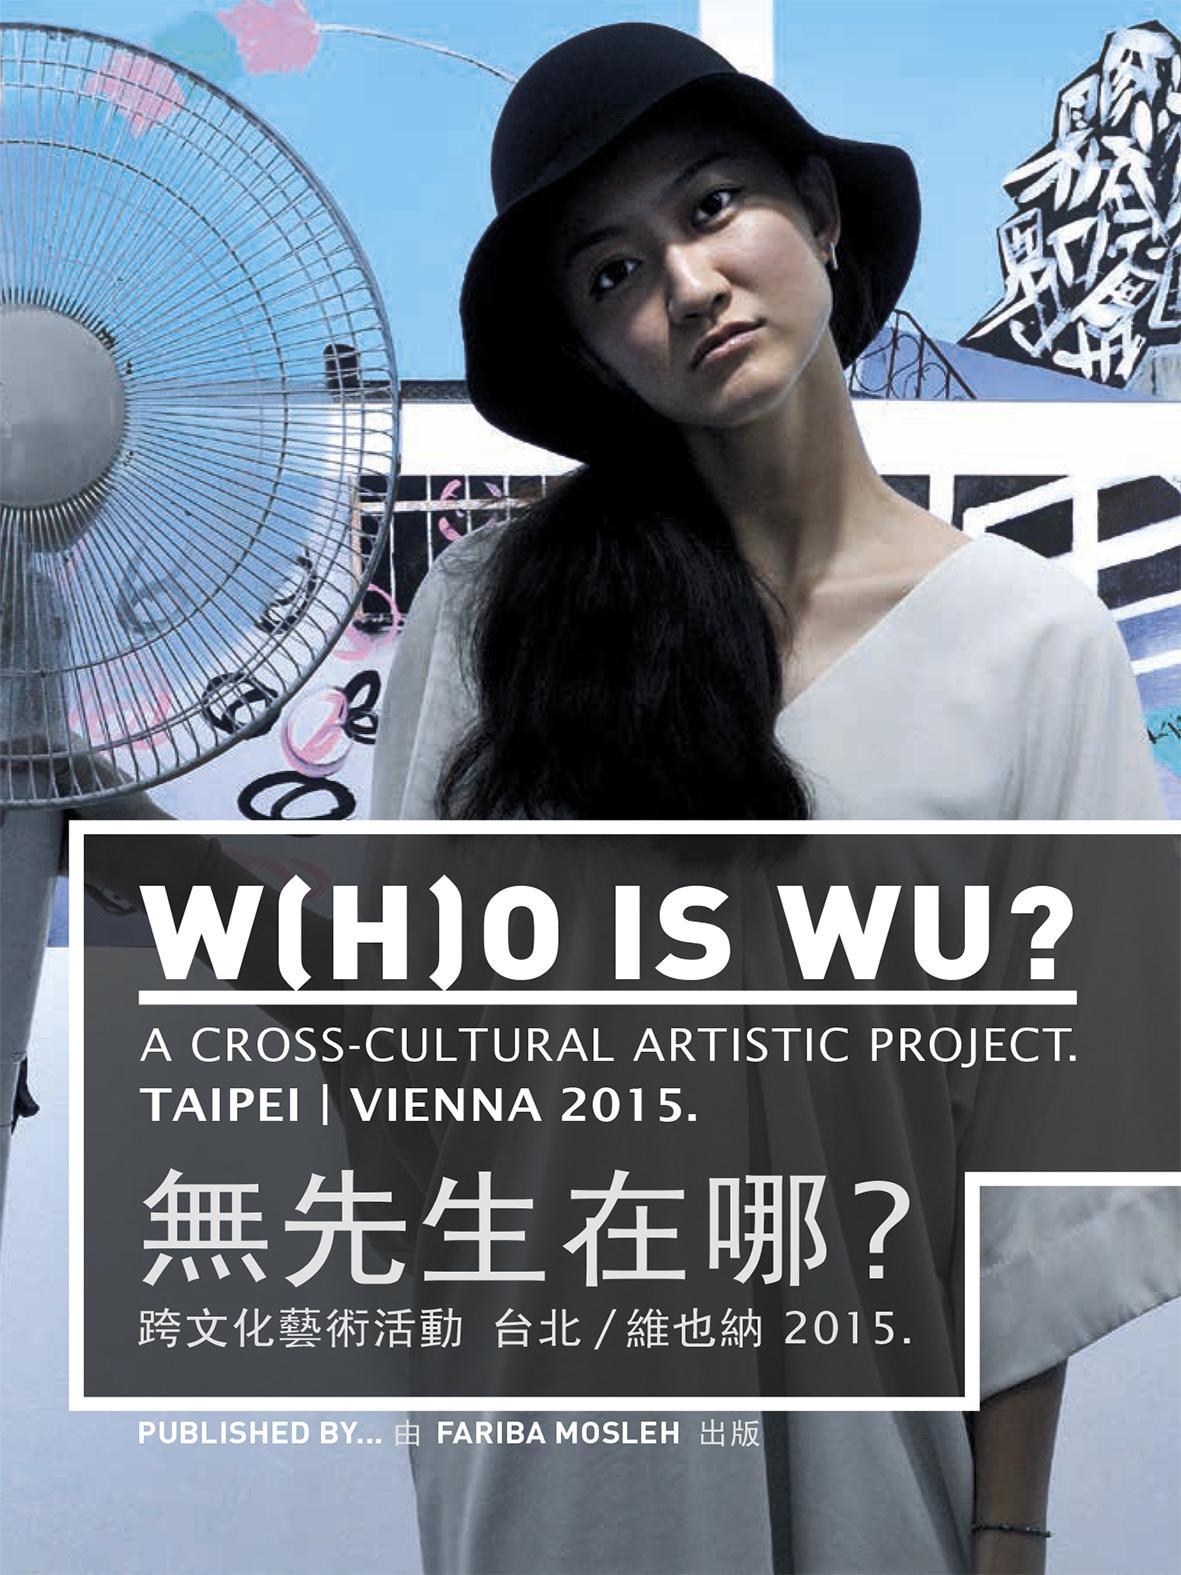 W(H)O S WU? Taipei / Vienna 2015.